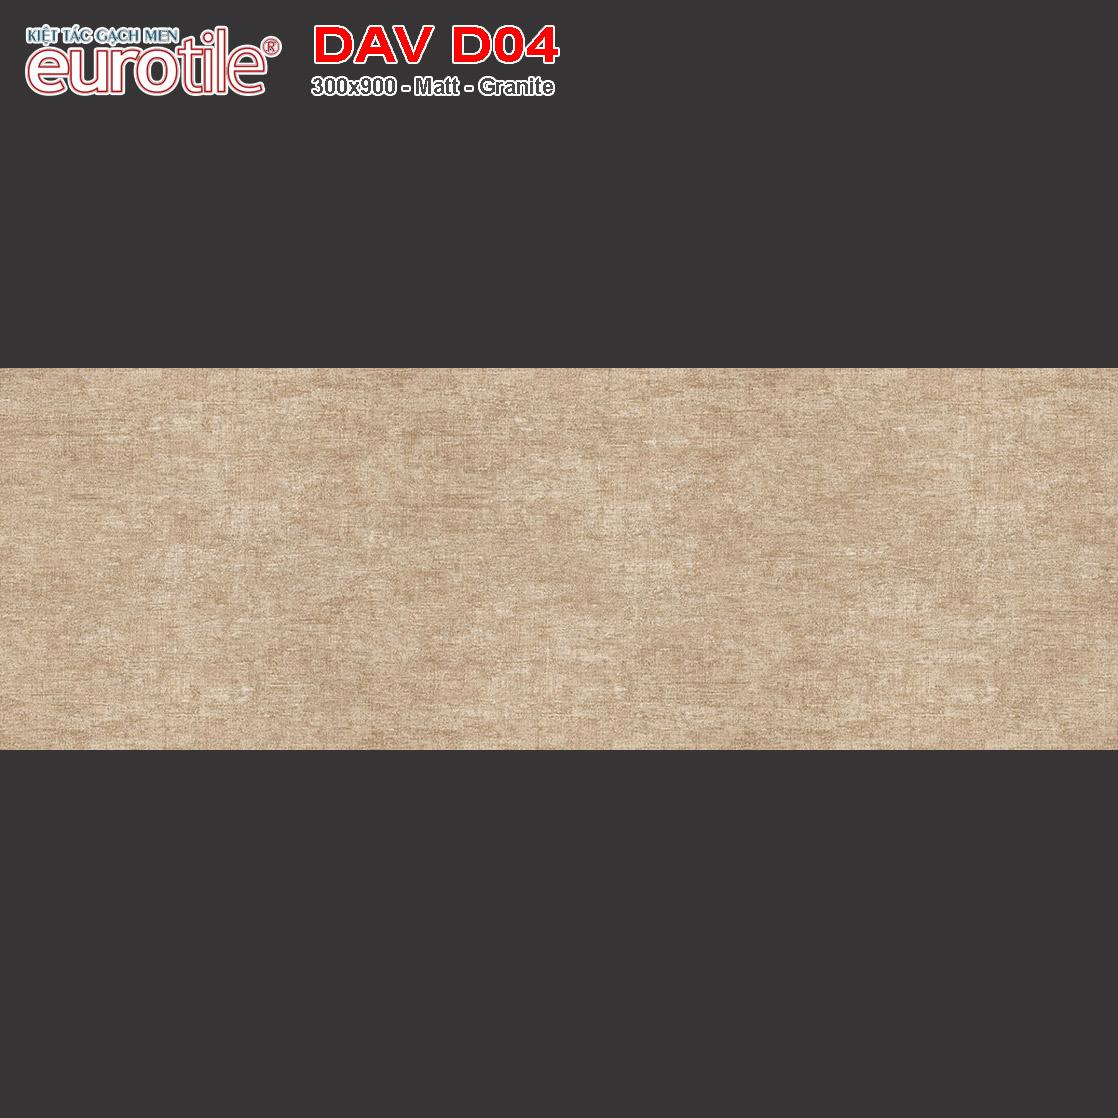 Gạch 300x900 Eurotile Đan Vi DAV D04 giá rẻ